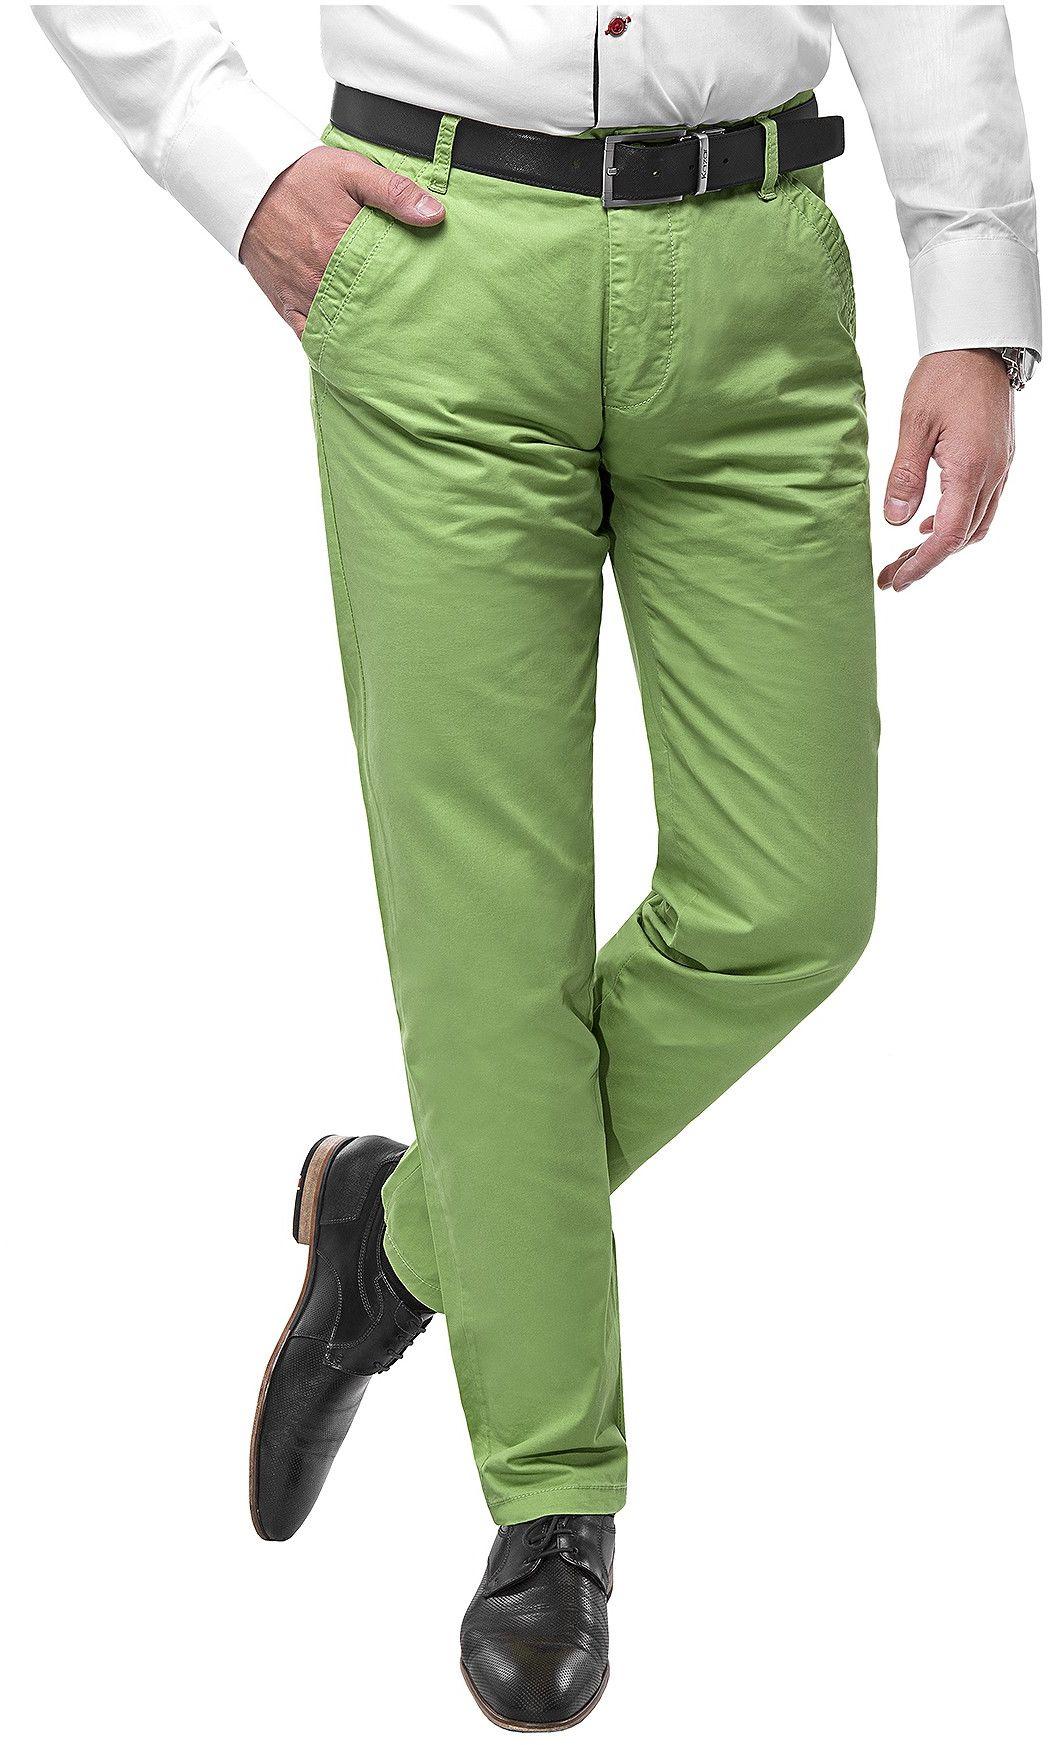 Spodnie męskie chinosy -SB512- zielony